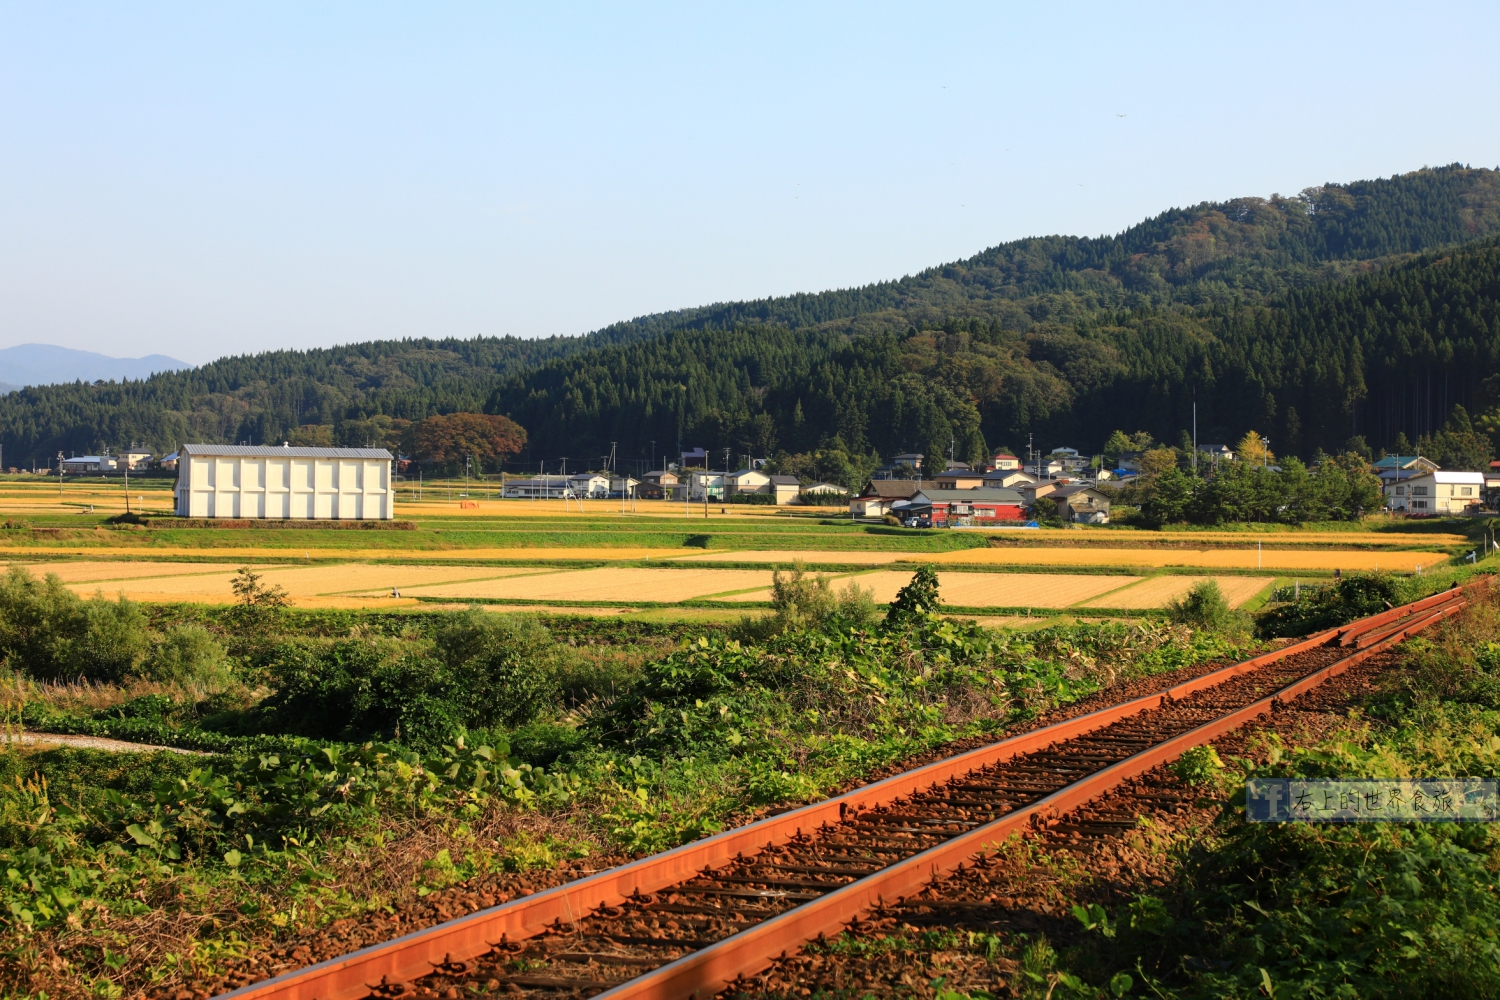 秋田 由利高原鐵道攻略:限定玩具列車.攝影景點推薦.玩具美術館半日旅 @右上的世界食旅